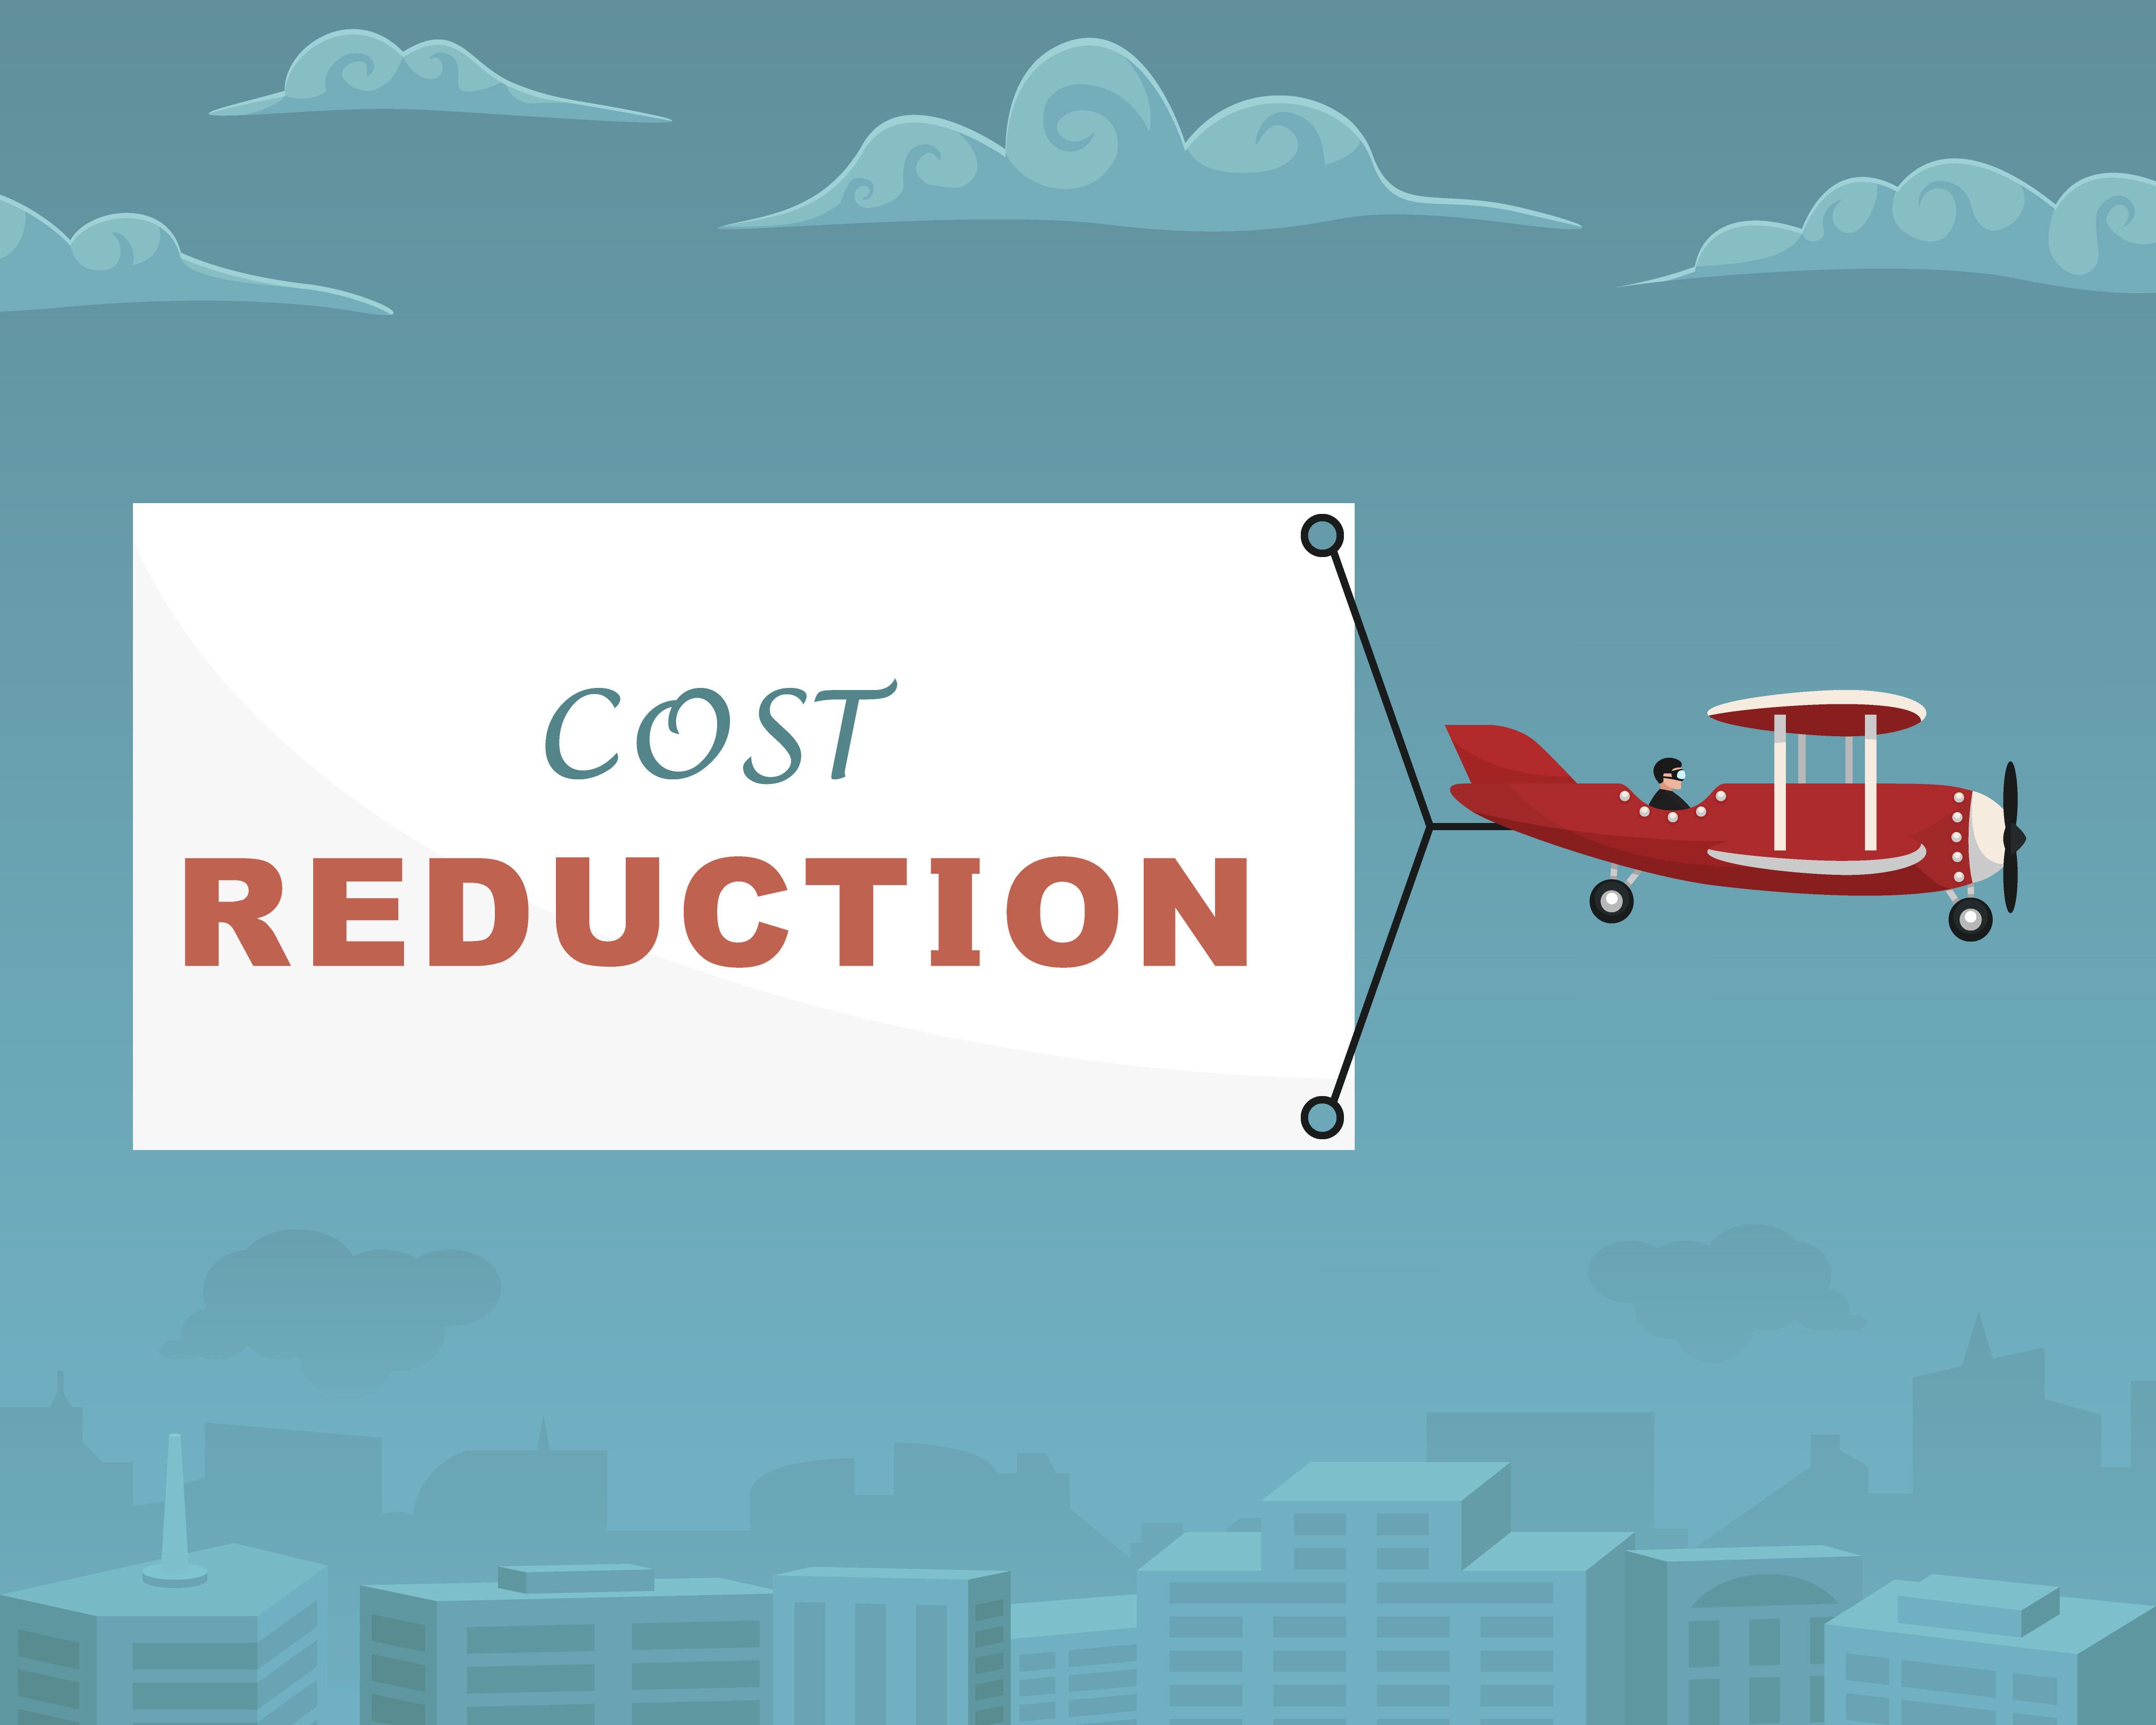 動画制作費用を削減するためのポイント